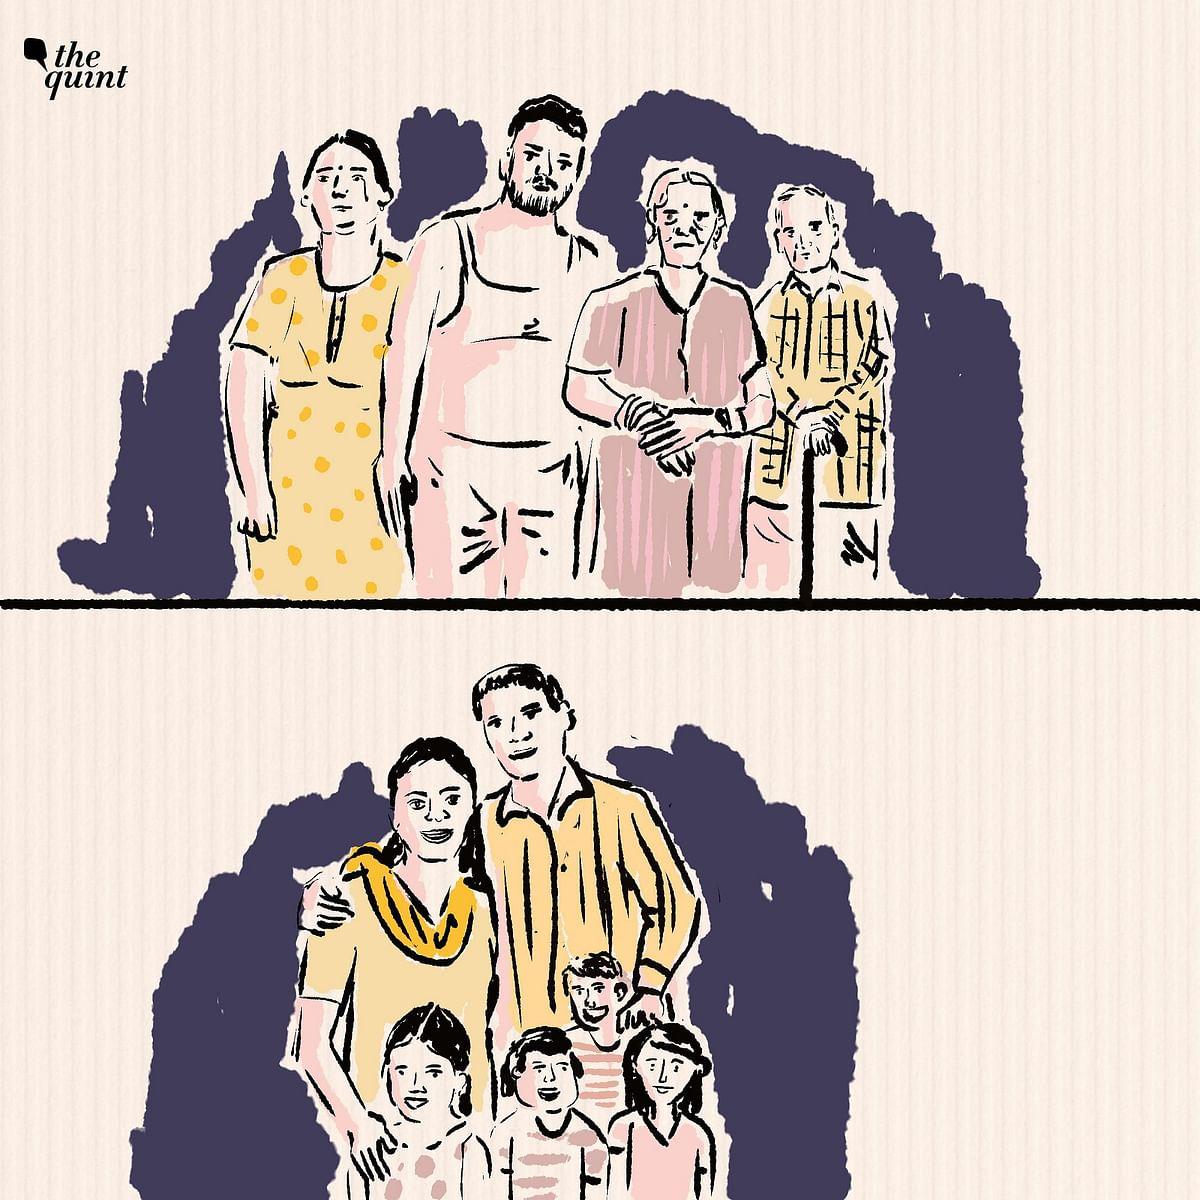 """<div class=""""paragraphs""""><p>ऊपर मयंक और उनका परिवार है, उनके 70 वर्षीय पिता जो पोलियो से पीड़ित हैं, उनकी 62 वर्षीय मां जिन्हें घुटने की समस्या है और उनकी 39 वर्षीय पत्नी रजनी हैं. नीचे 41 वर्षीय संतोष और उनकी पत्नी सुनीता और उनके बच्चे हैं. तीन लड़कियां और एक लड़का</p></div>"""